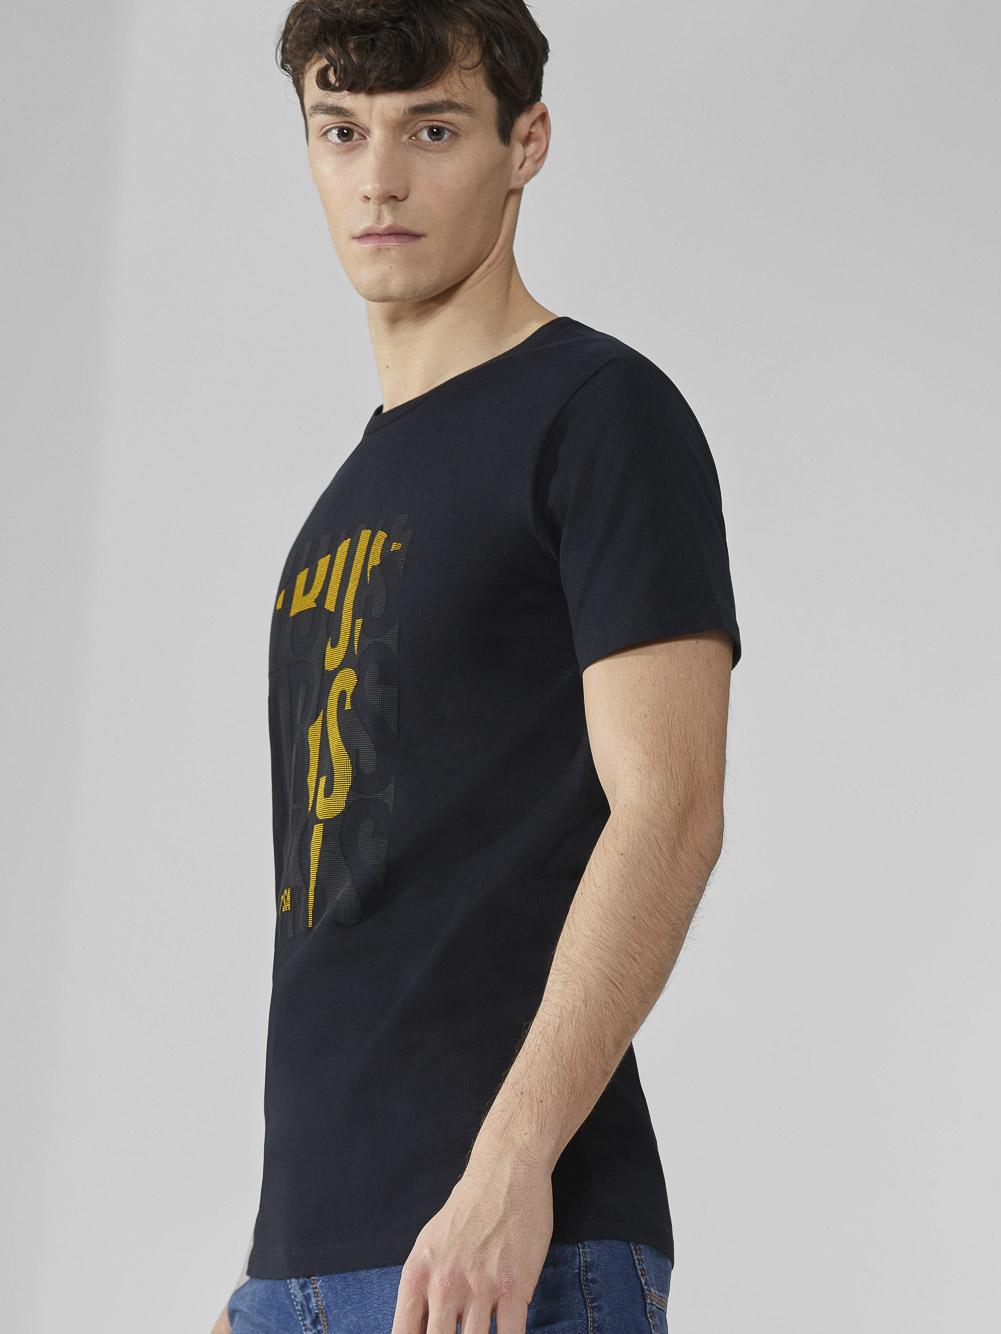 TRUSSARDI JEANS Μπλούζα T-shirt 352T003241T003610 ΜΑΥΡΟ